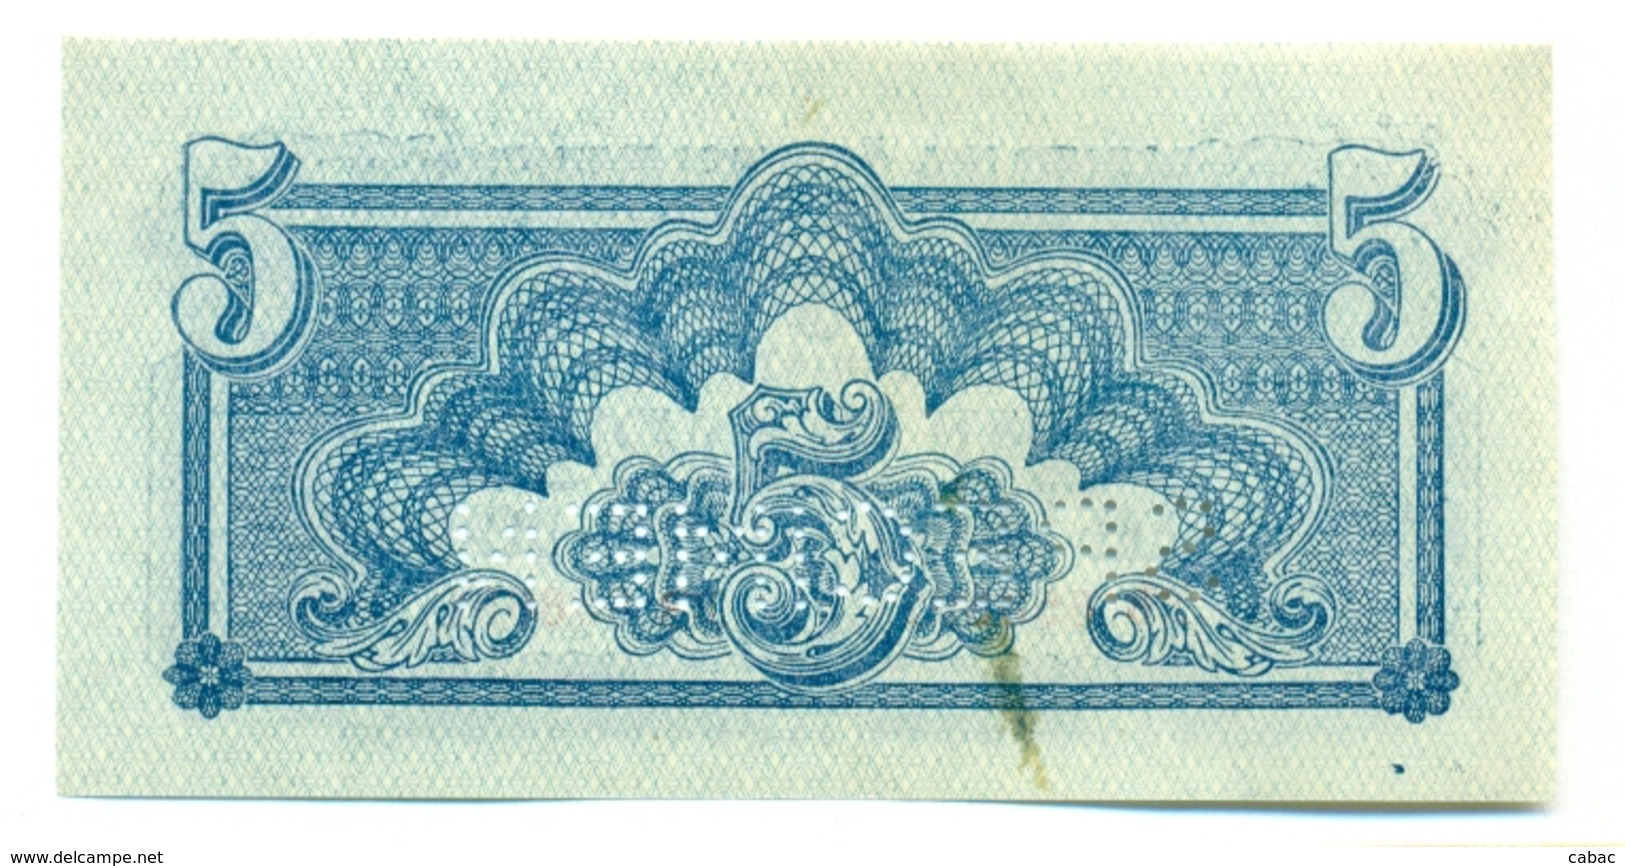 Czechoslovakia, 5 Korun, SPECIMEN, 1944, EB, Occupation, Ww2, Banknote, Czech, Slovakia, Bohemia, Moravia - Tchécoslovaquie